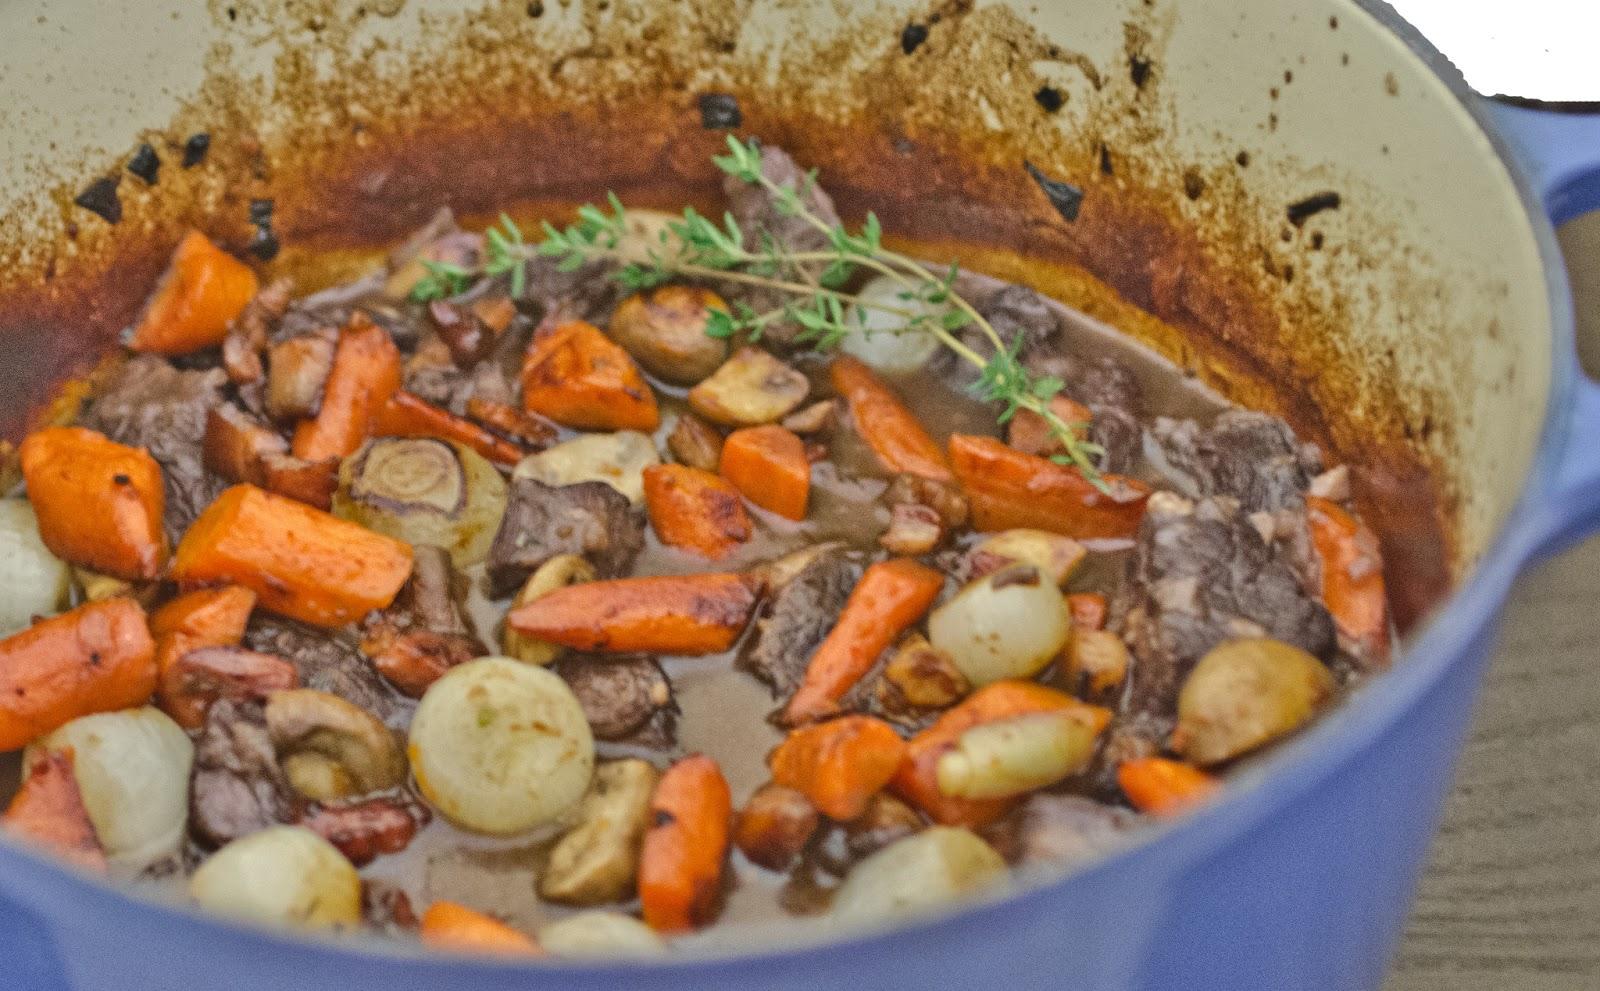 Navy Blue Kitchen: Braised Beef Stew with Red Wine